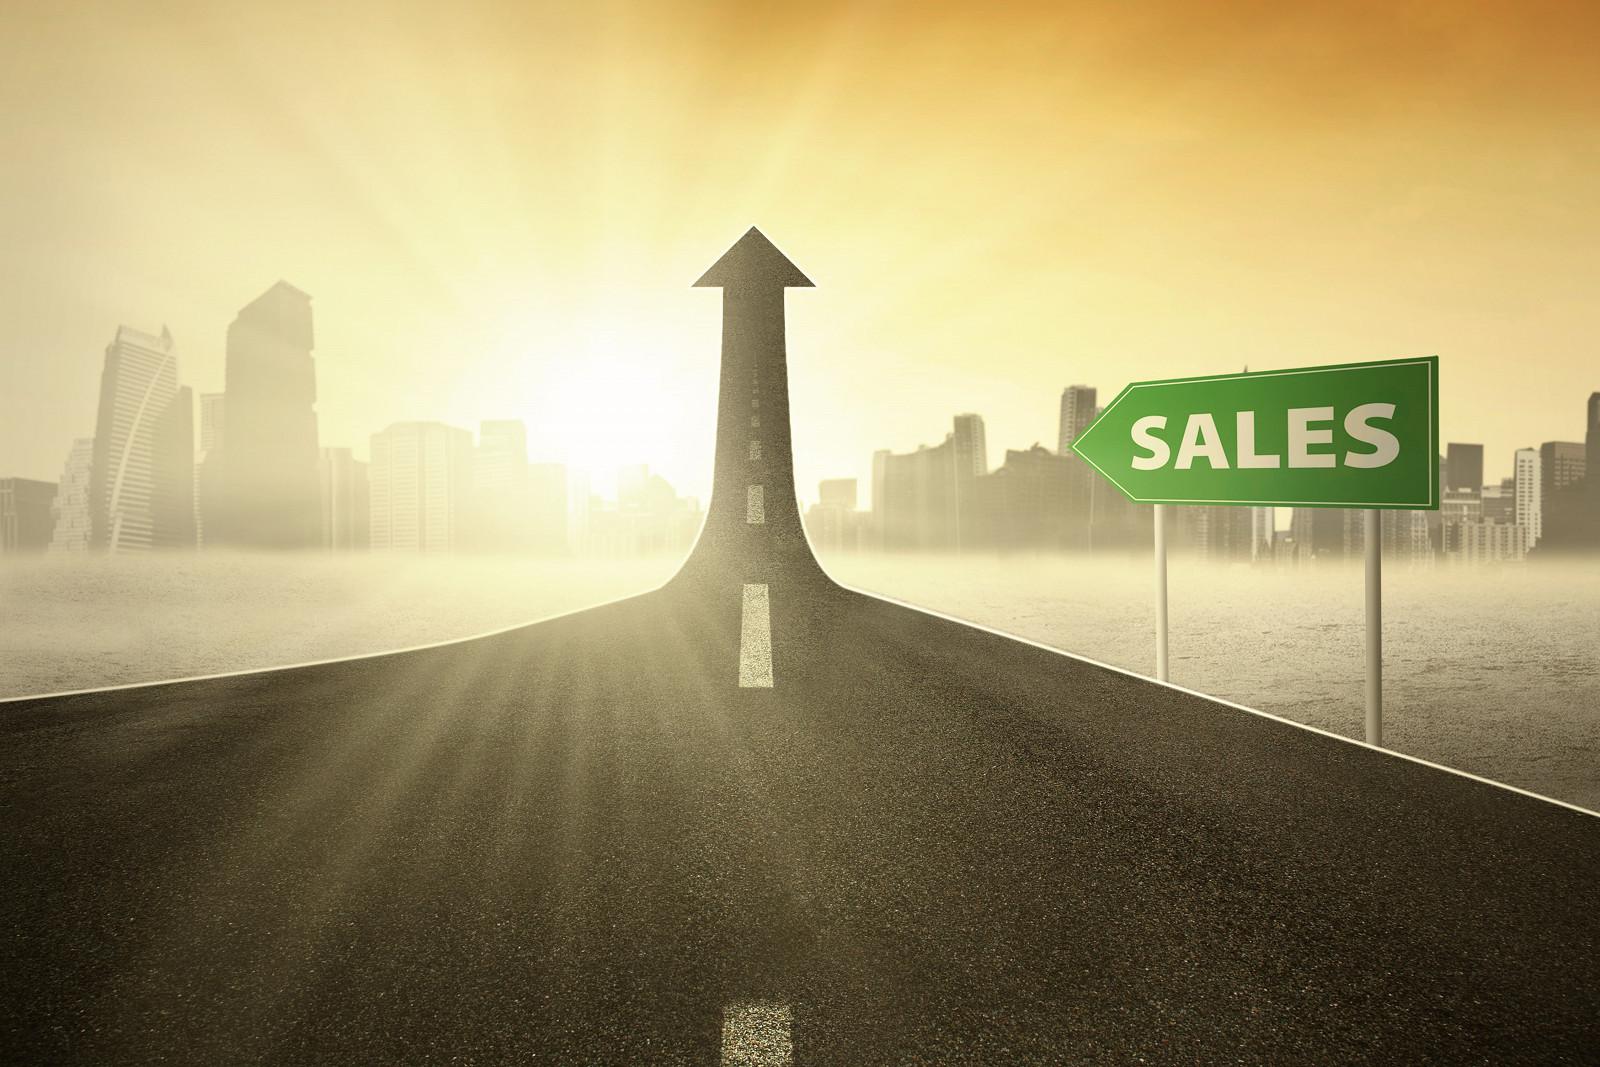 Slik vil PIM-plattformen endre markedsaktivitetene dine